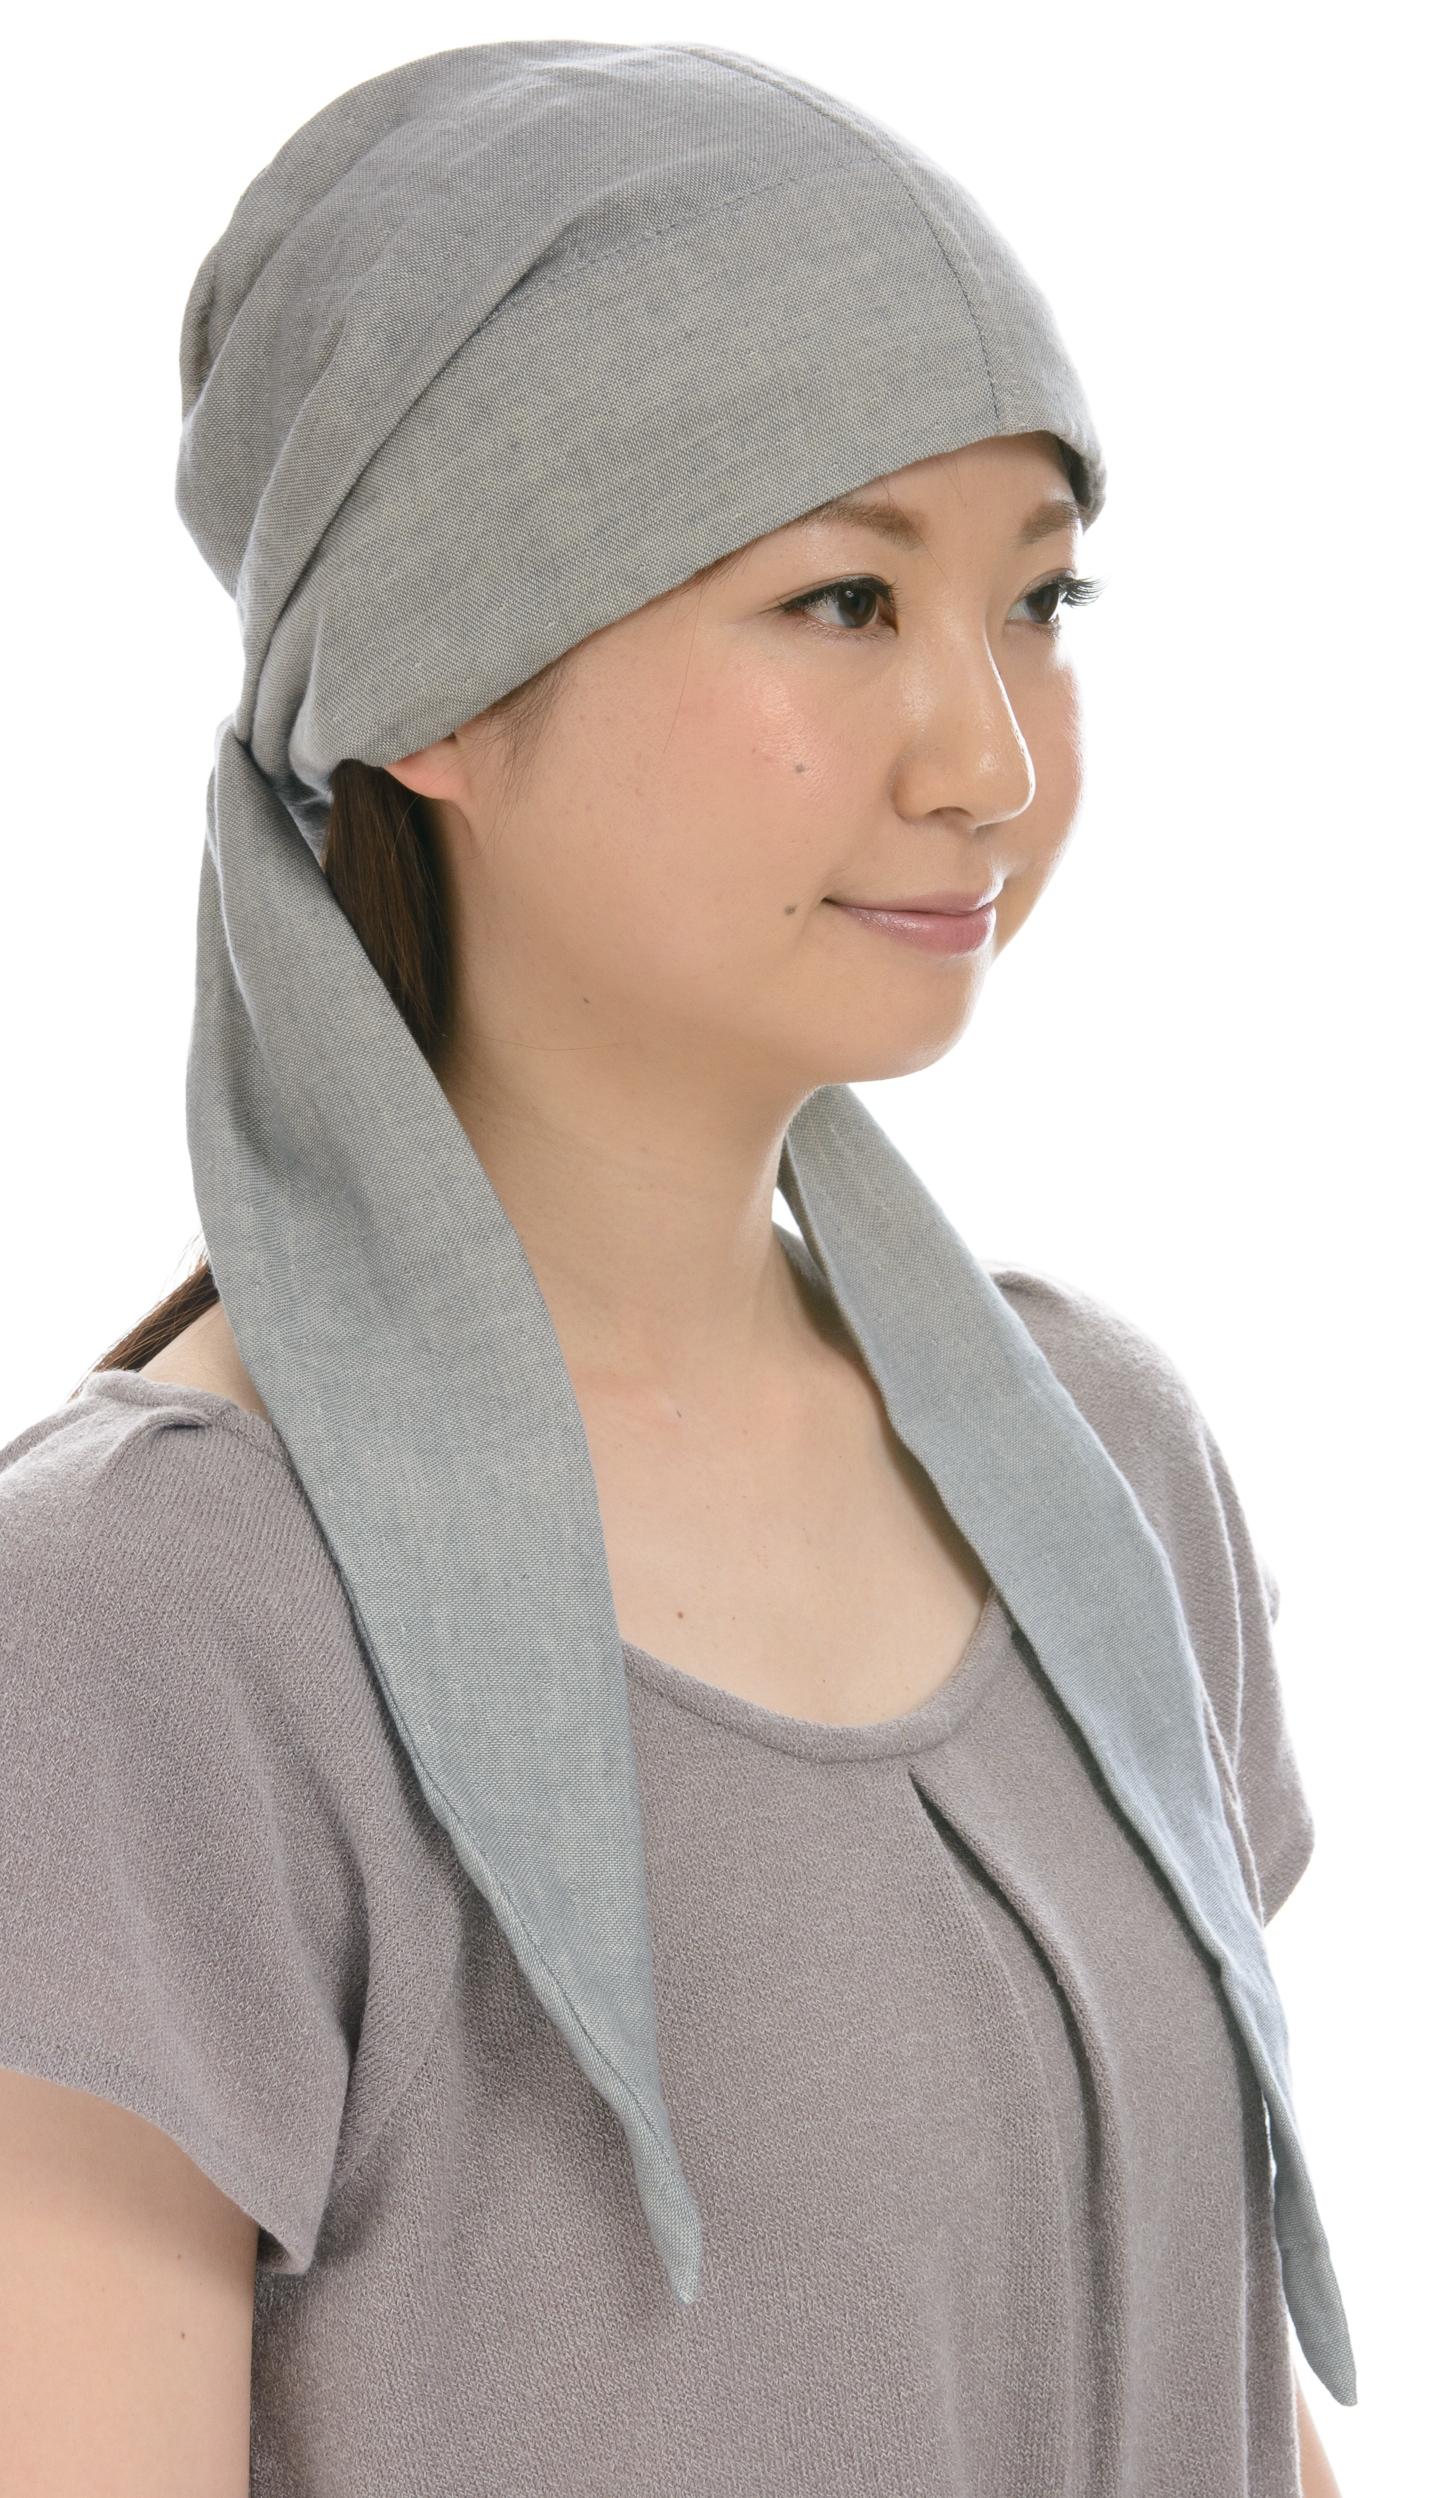 室内用帽子 送料無料オーガニックコットン エアリーなバンダナキャップ 3色展開 NOC日本オーガニックコットン流通機構認定商品 SIGN FエフLABEL